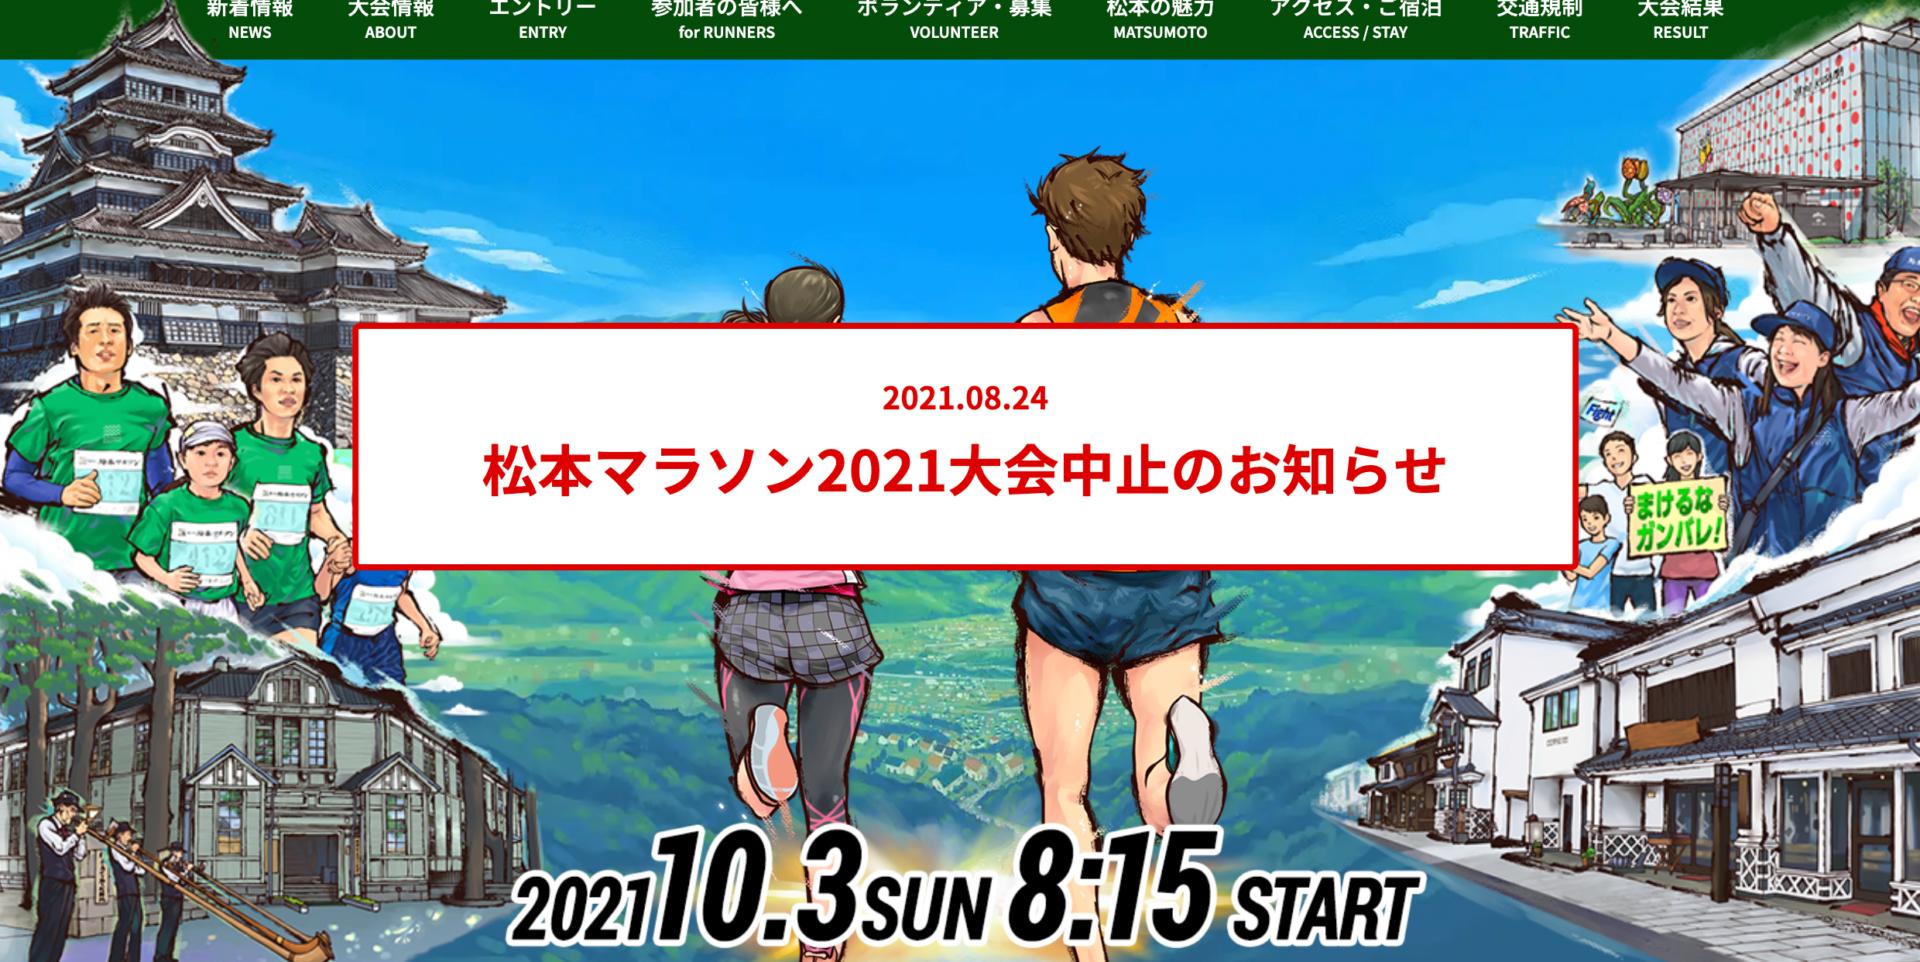 みえ松坂・松本マラソンと相次いで出場予定レースの中止が決定